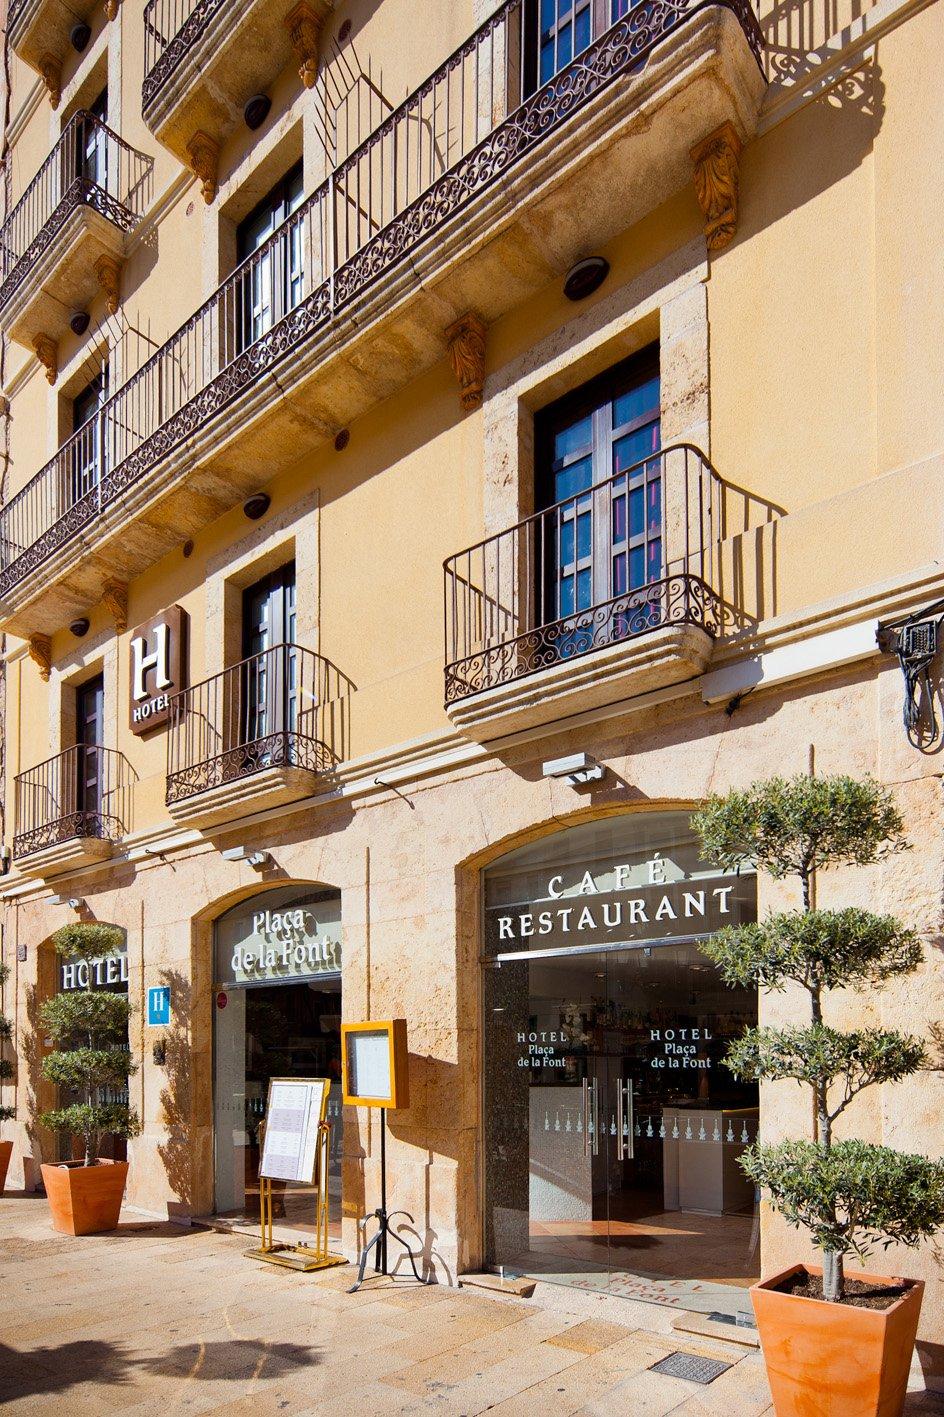 hotel_la_fontnombre_del_documento_14-aa90da1b2e5aec89f8c9e48e331cb166